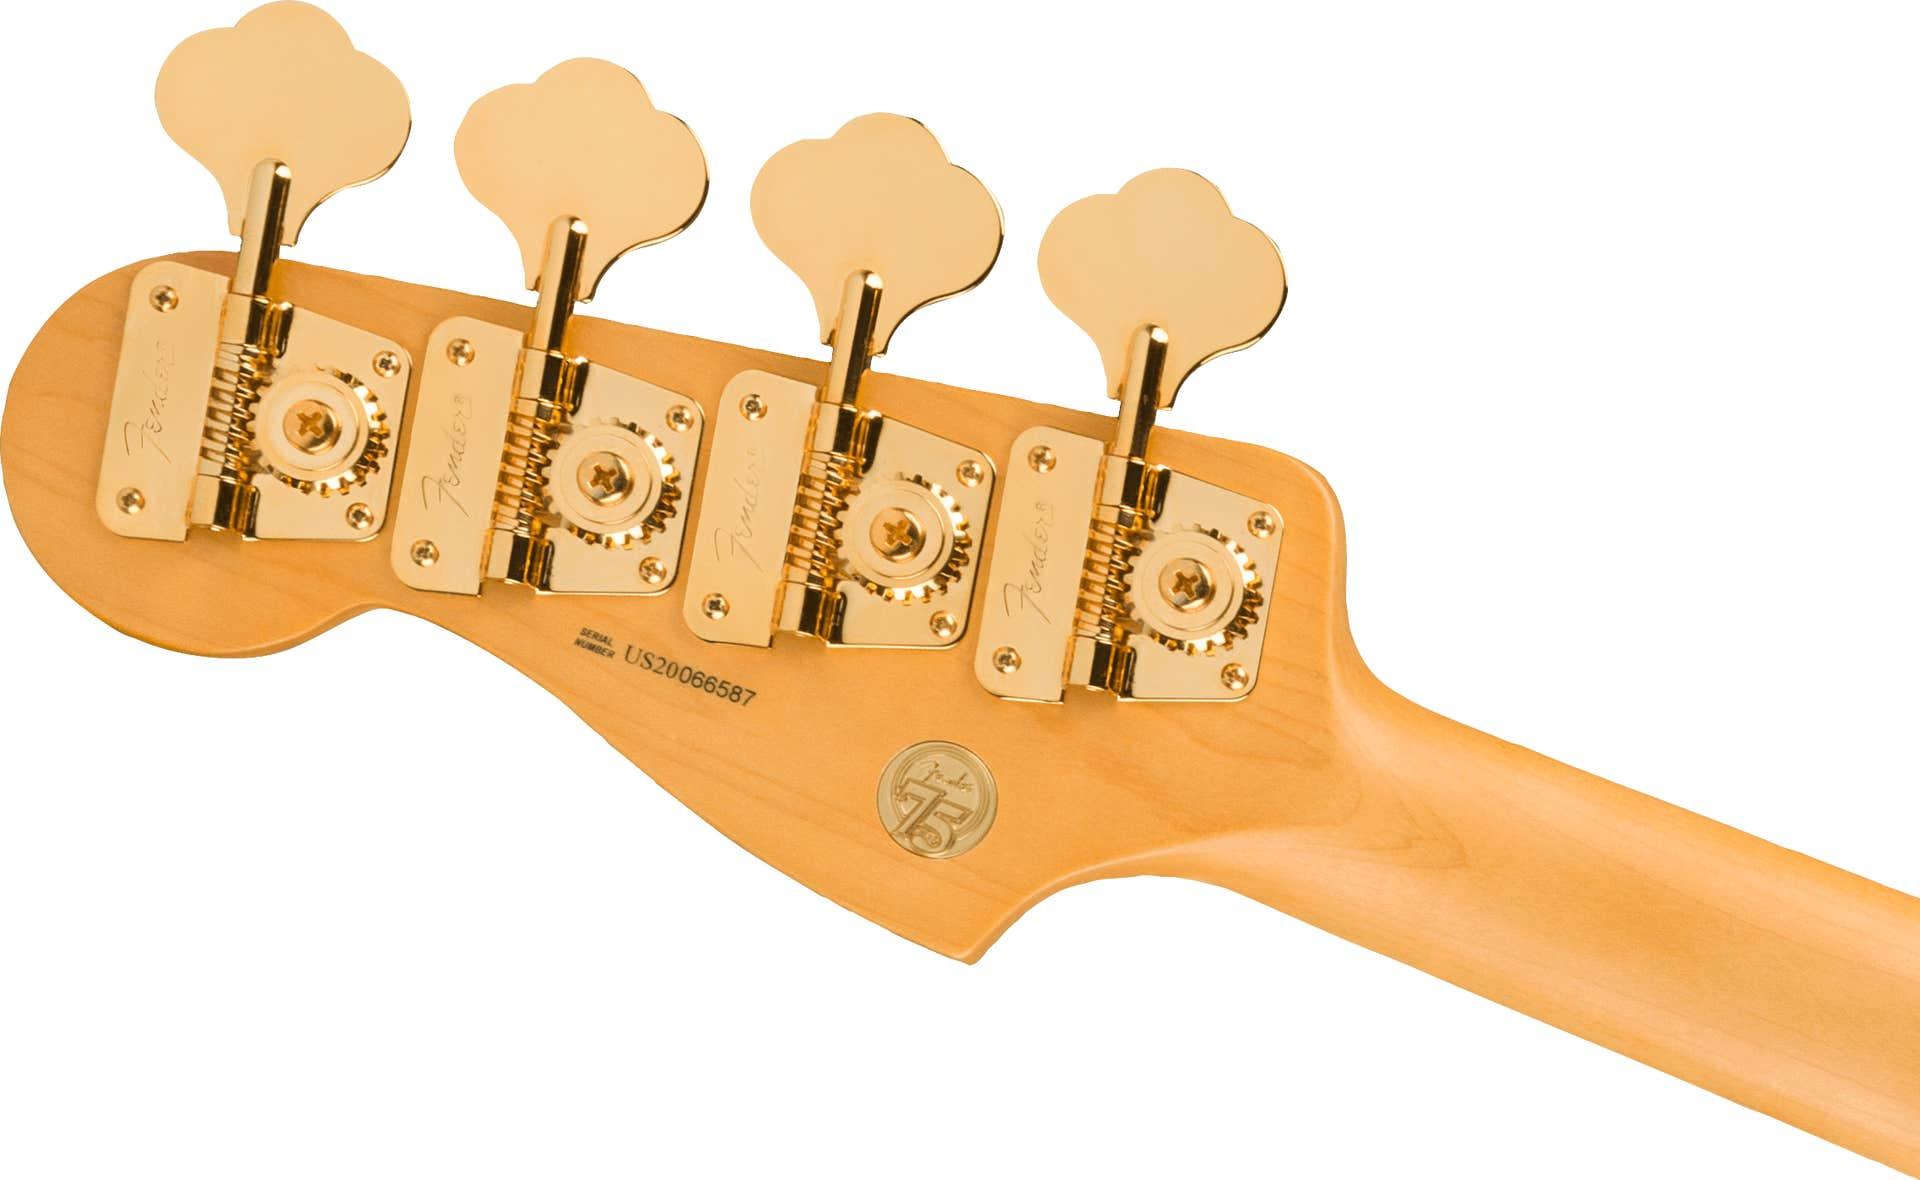 Fender 75th Anniversary Commemorative Precision Bass w/Case - 2-Color Bourbon Burst (Limited)